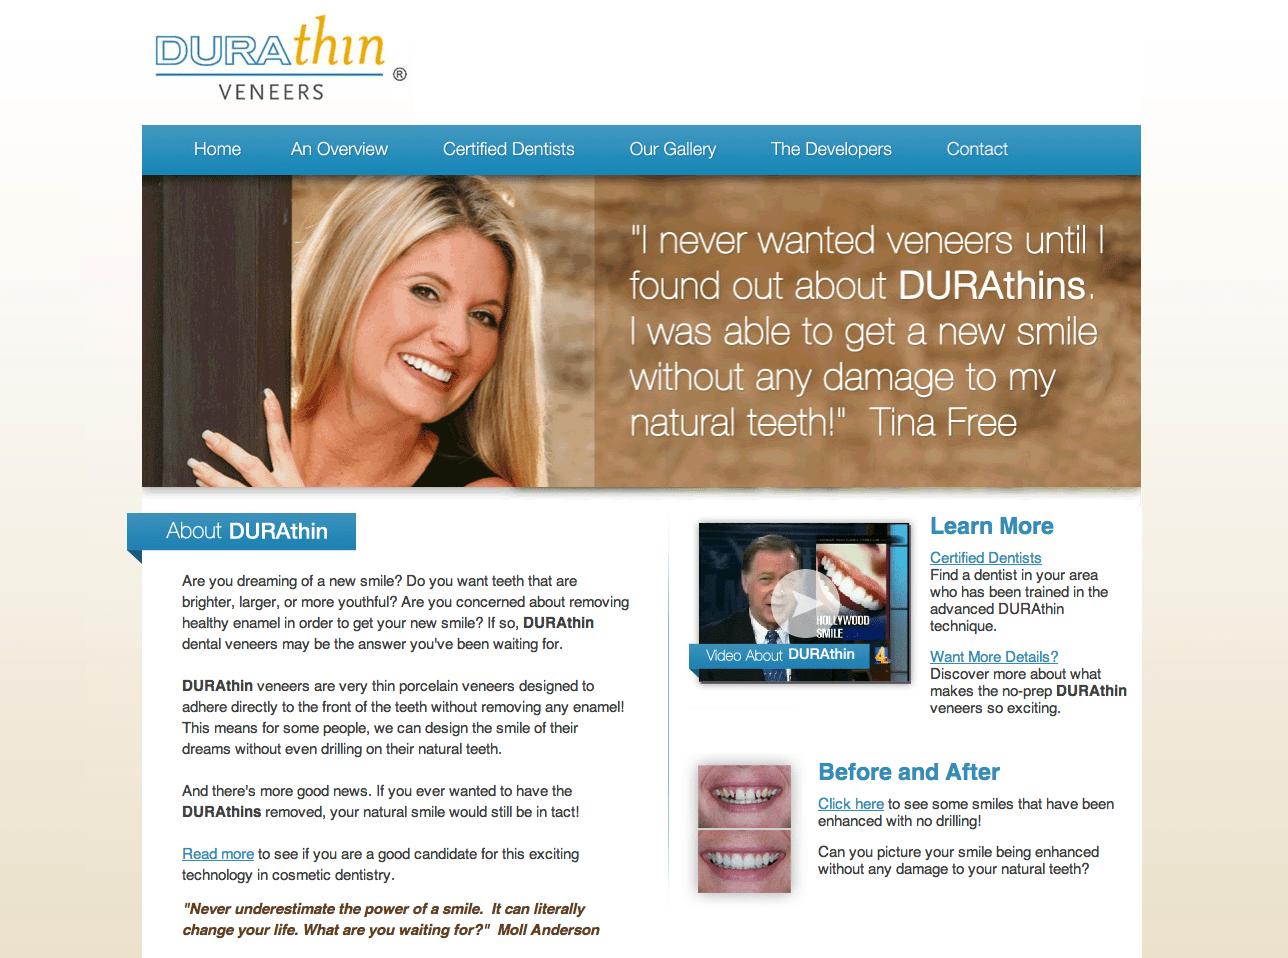 Durathin Veneers Website by Rimshot Creative